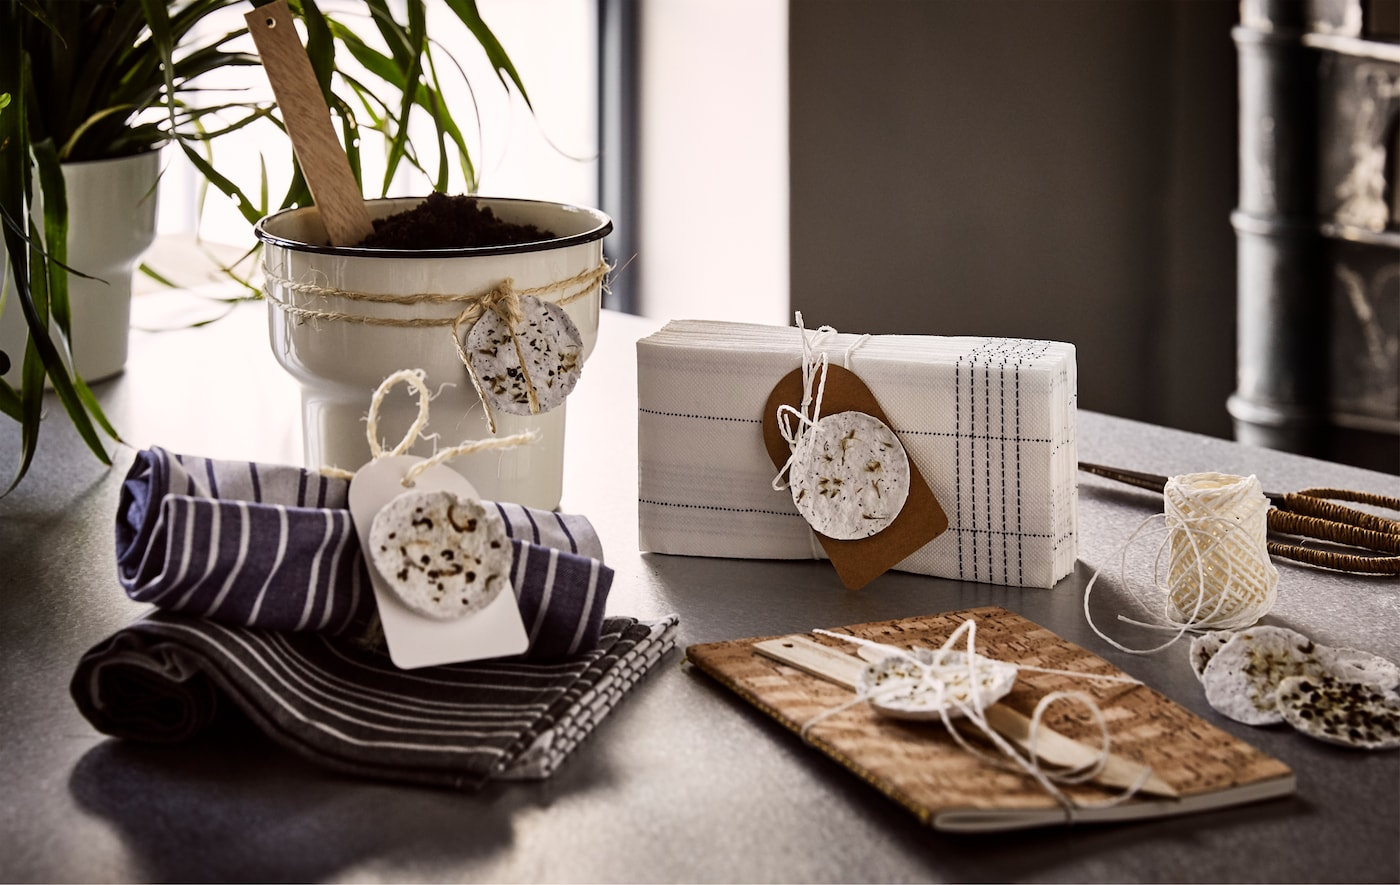 Beżowa doniczka, brązowy zeszyt, tekstylne i papierowe serwetki z podkładkami do kiełkowania domowej roboty.